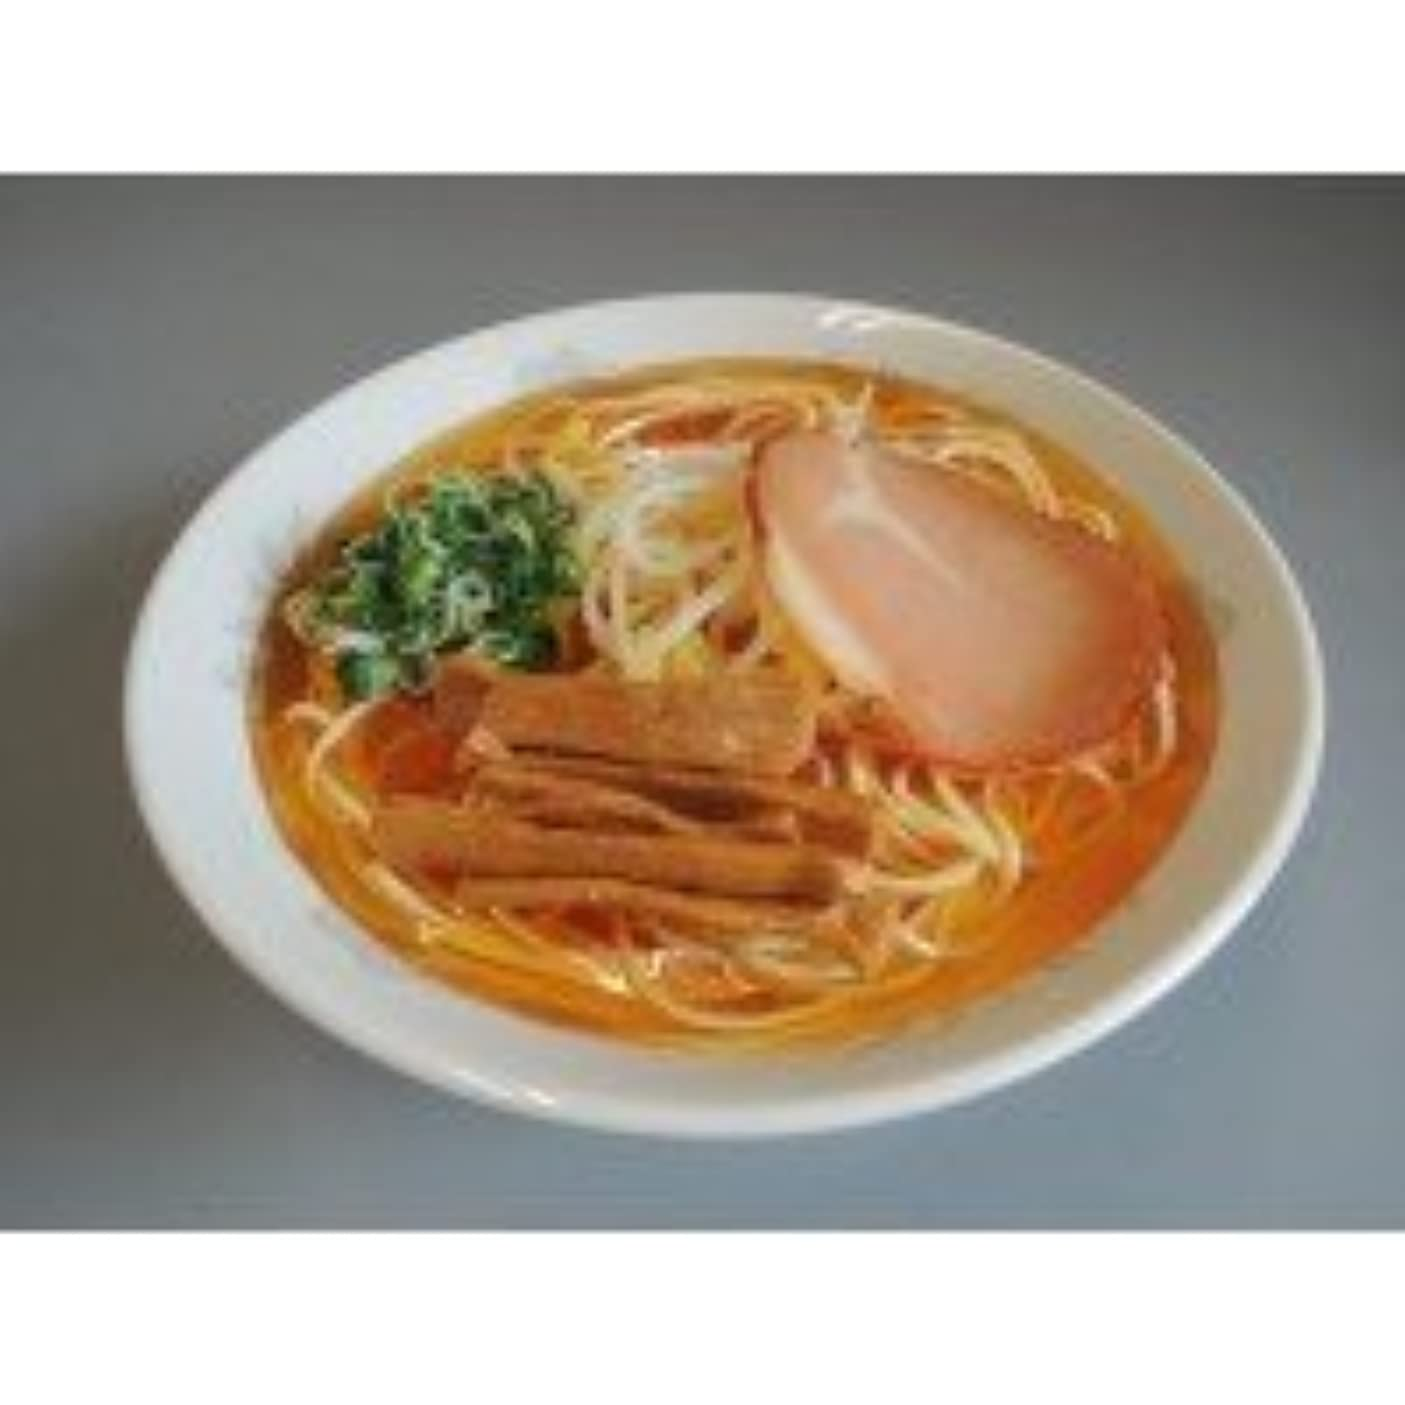 有毒な符号請求日本職人が作る 食品サンプル ラーメン IP-163